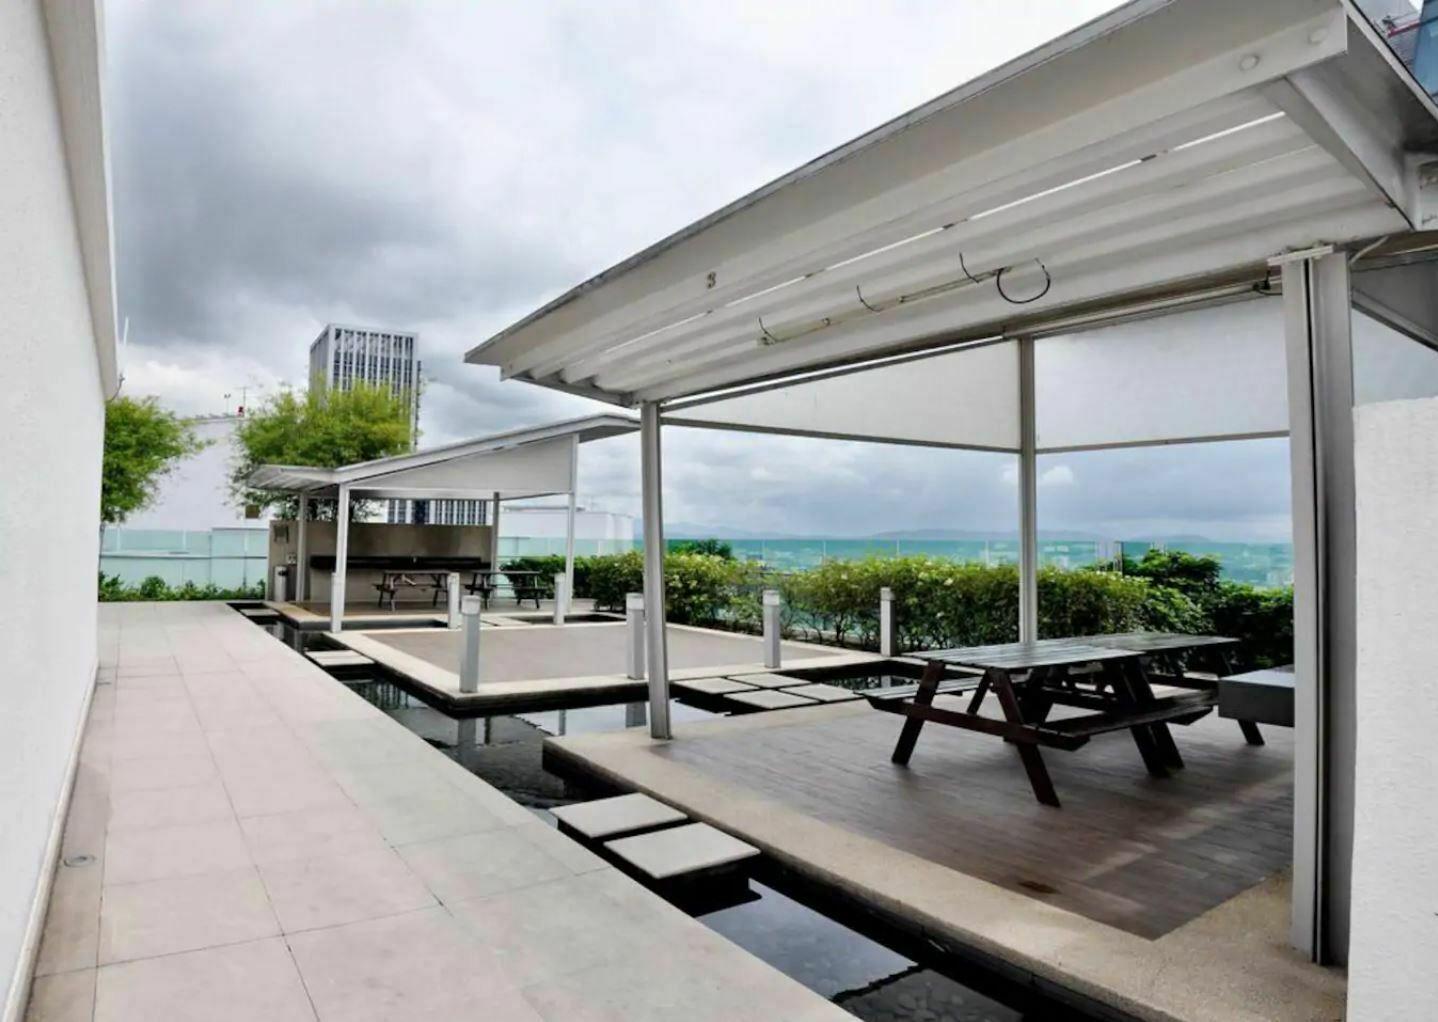 Airbnb Sumbang RM200.4 Juta Kepada Ekonomi Tempatan, Kat Mana Lokasi Yang Hot di Malaysia? 5